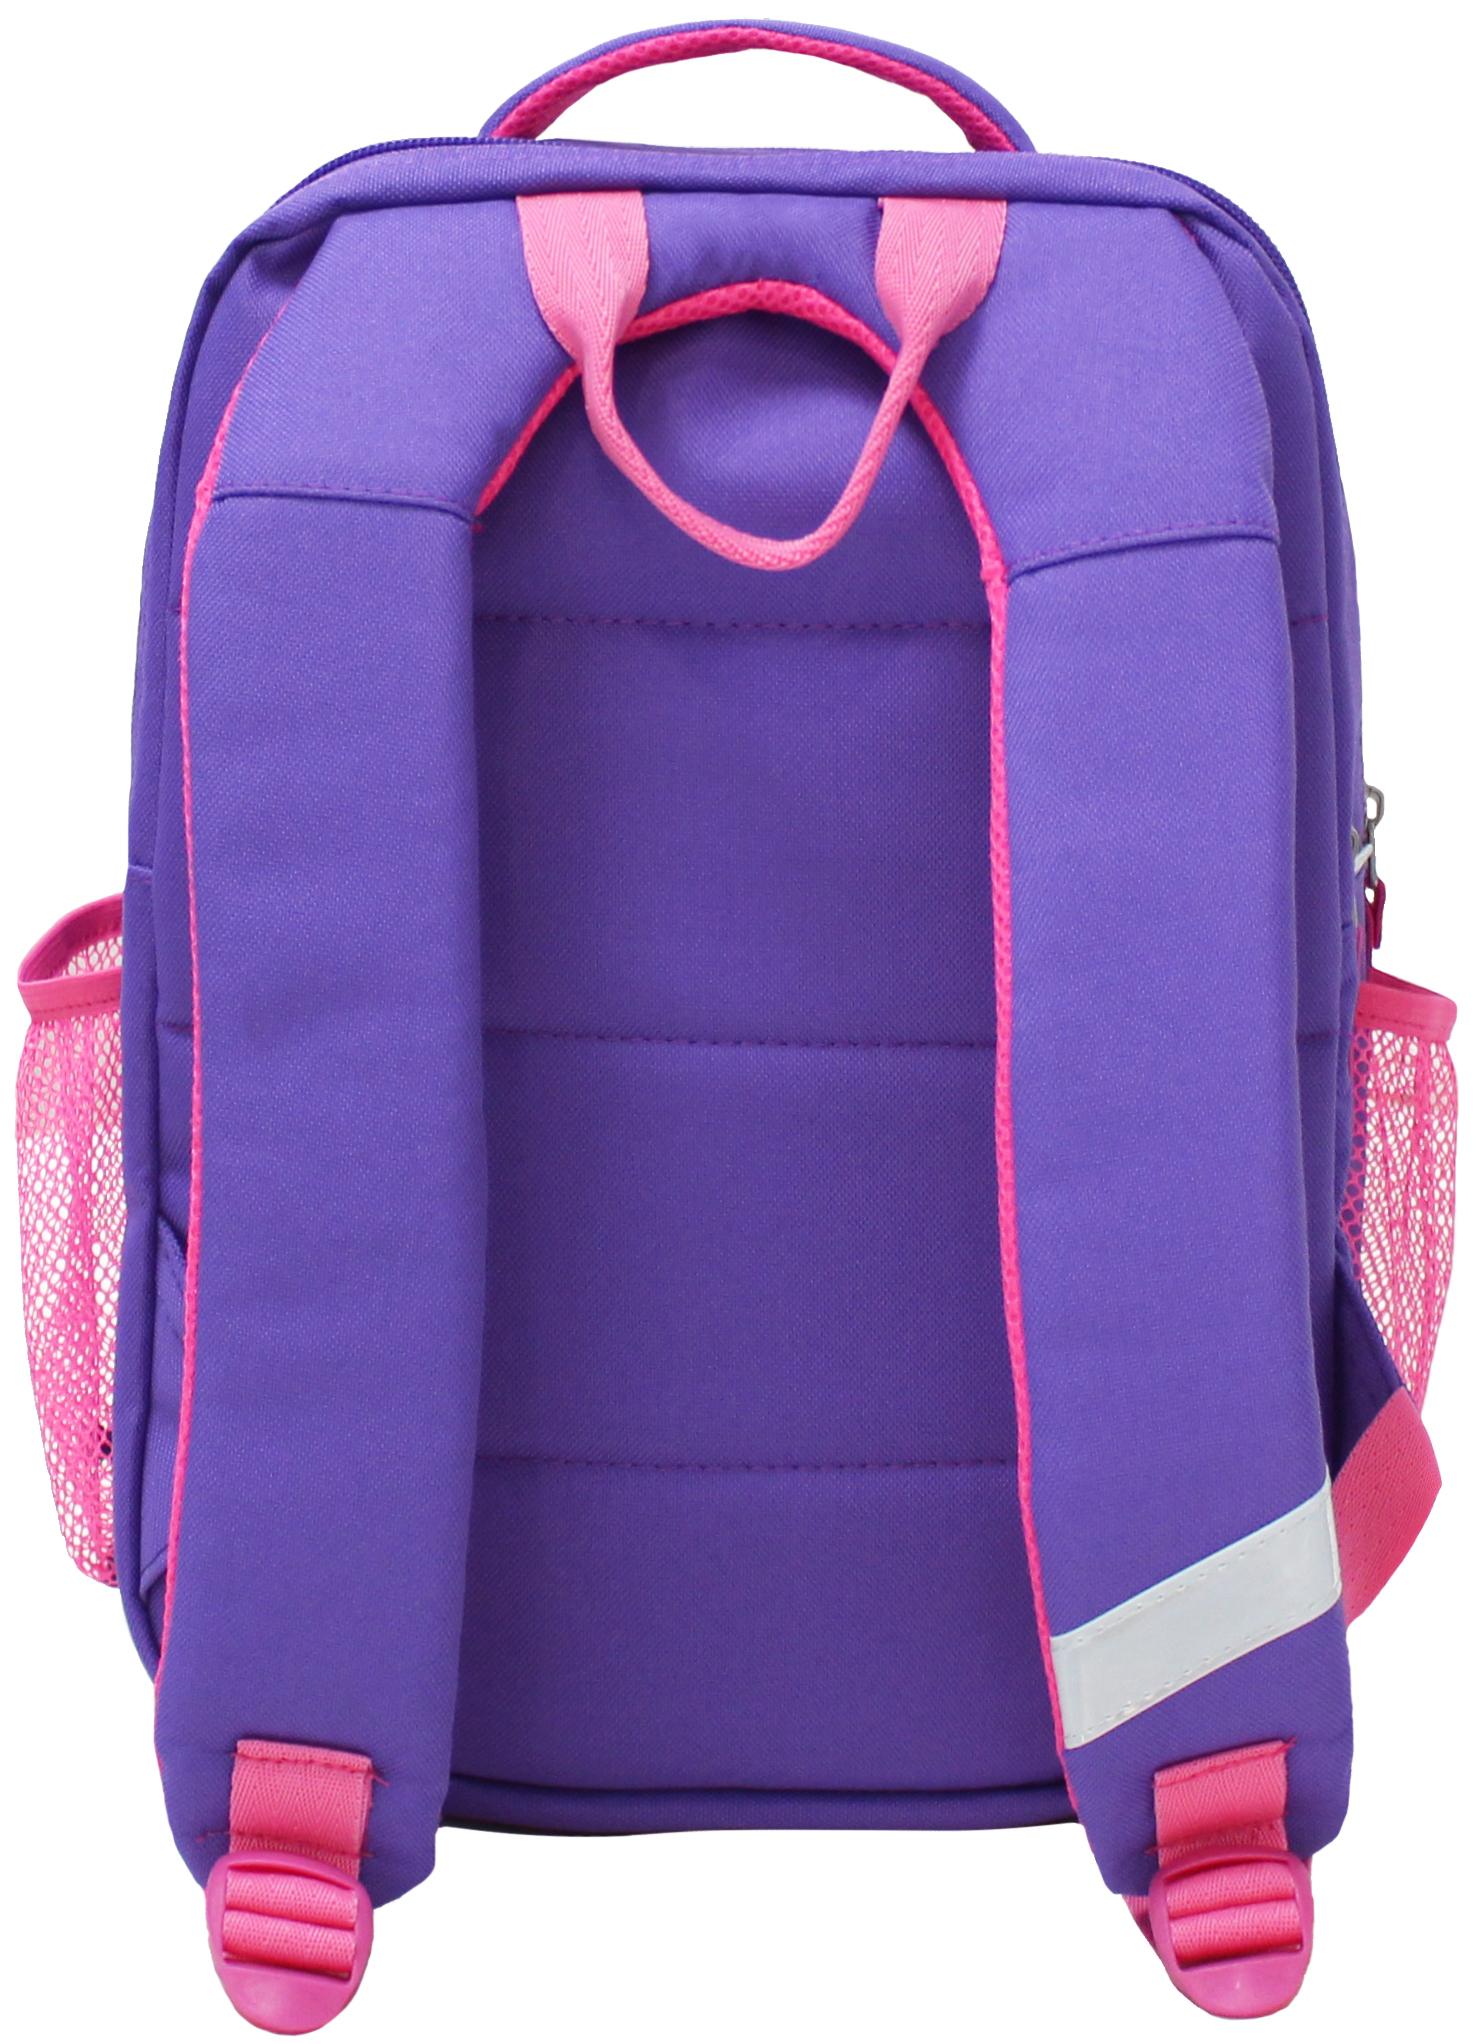 Рюкзак Bagland Школьник 8 л. 170 фіолетовий 5 д (00112662)